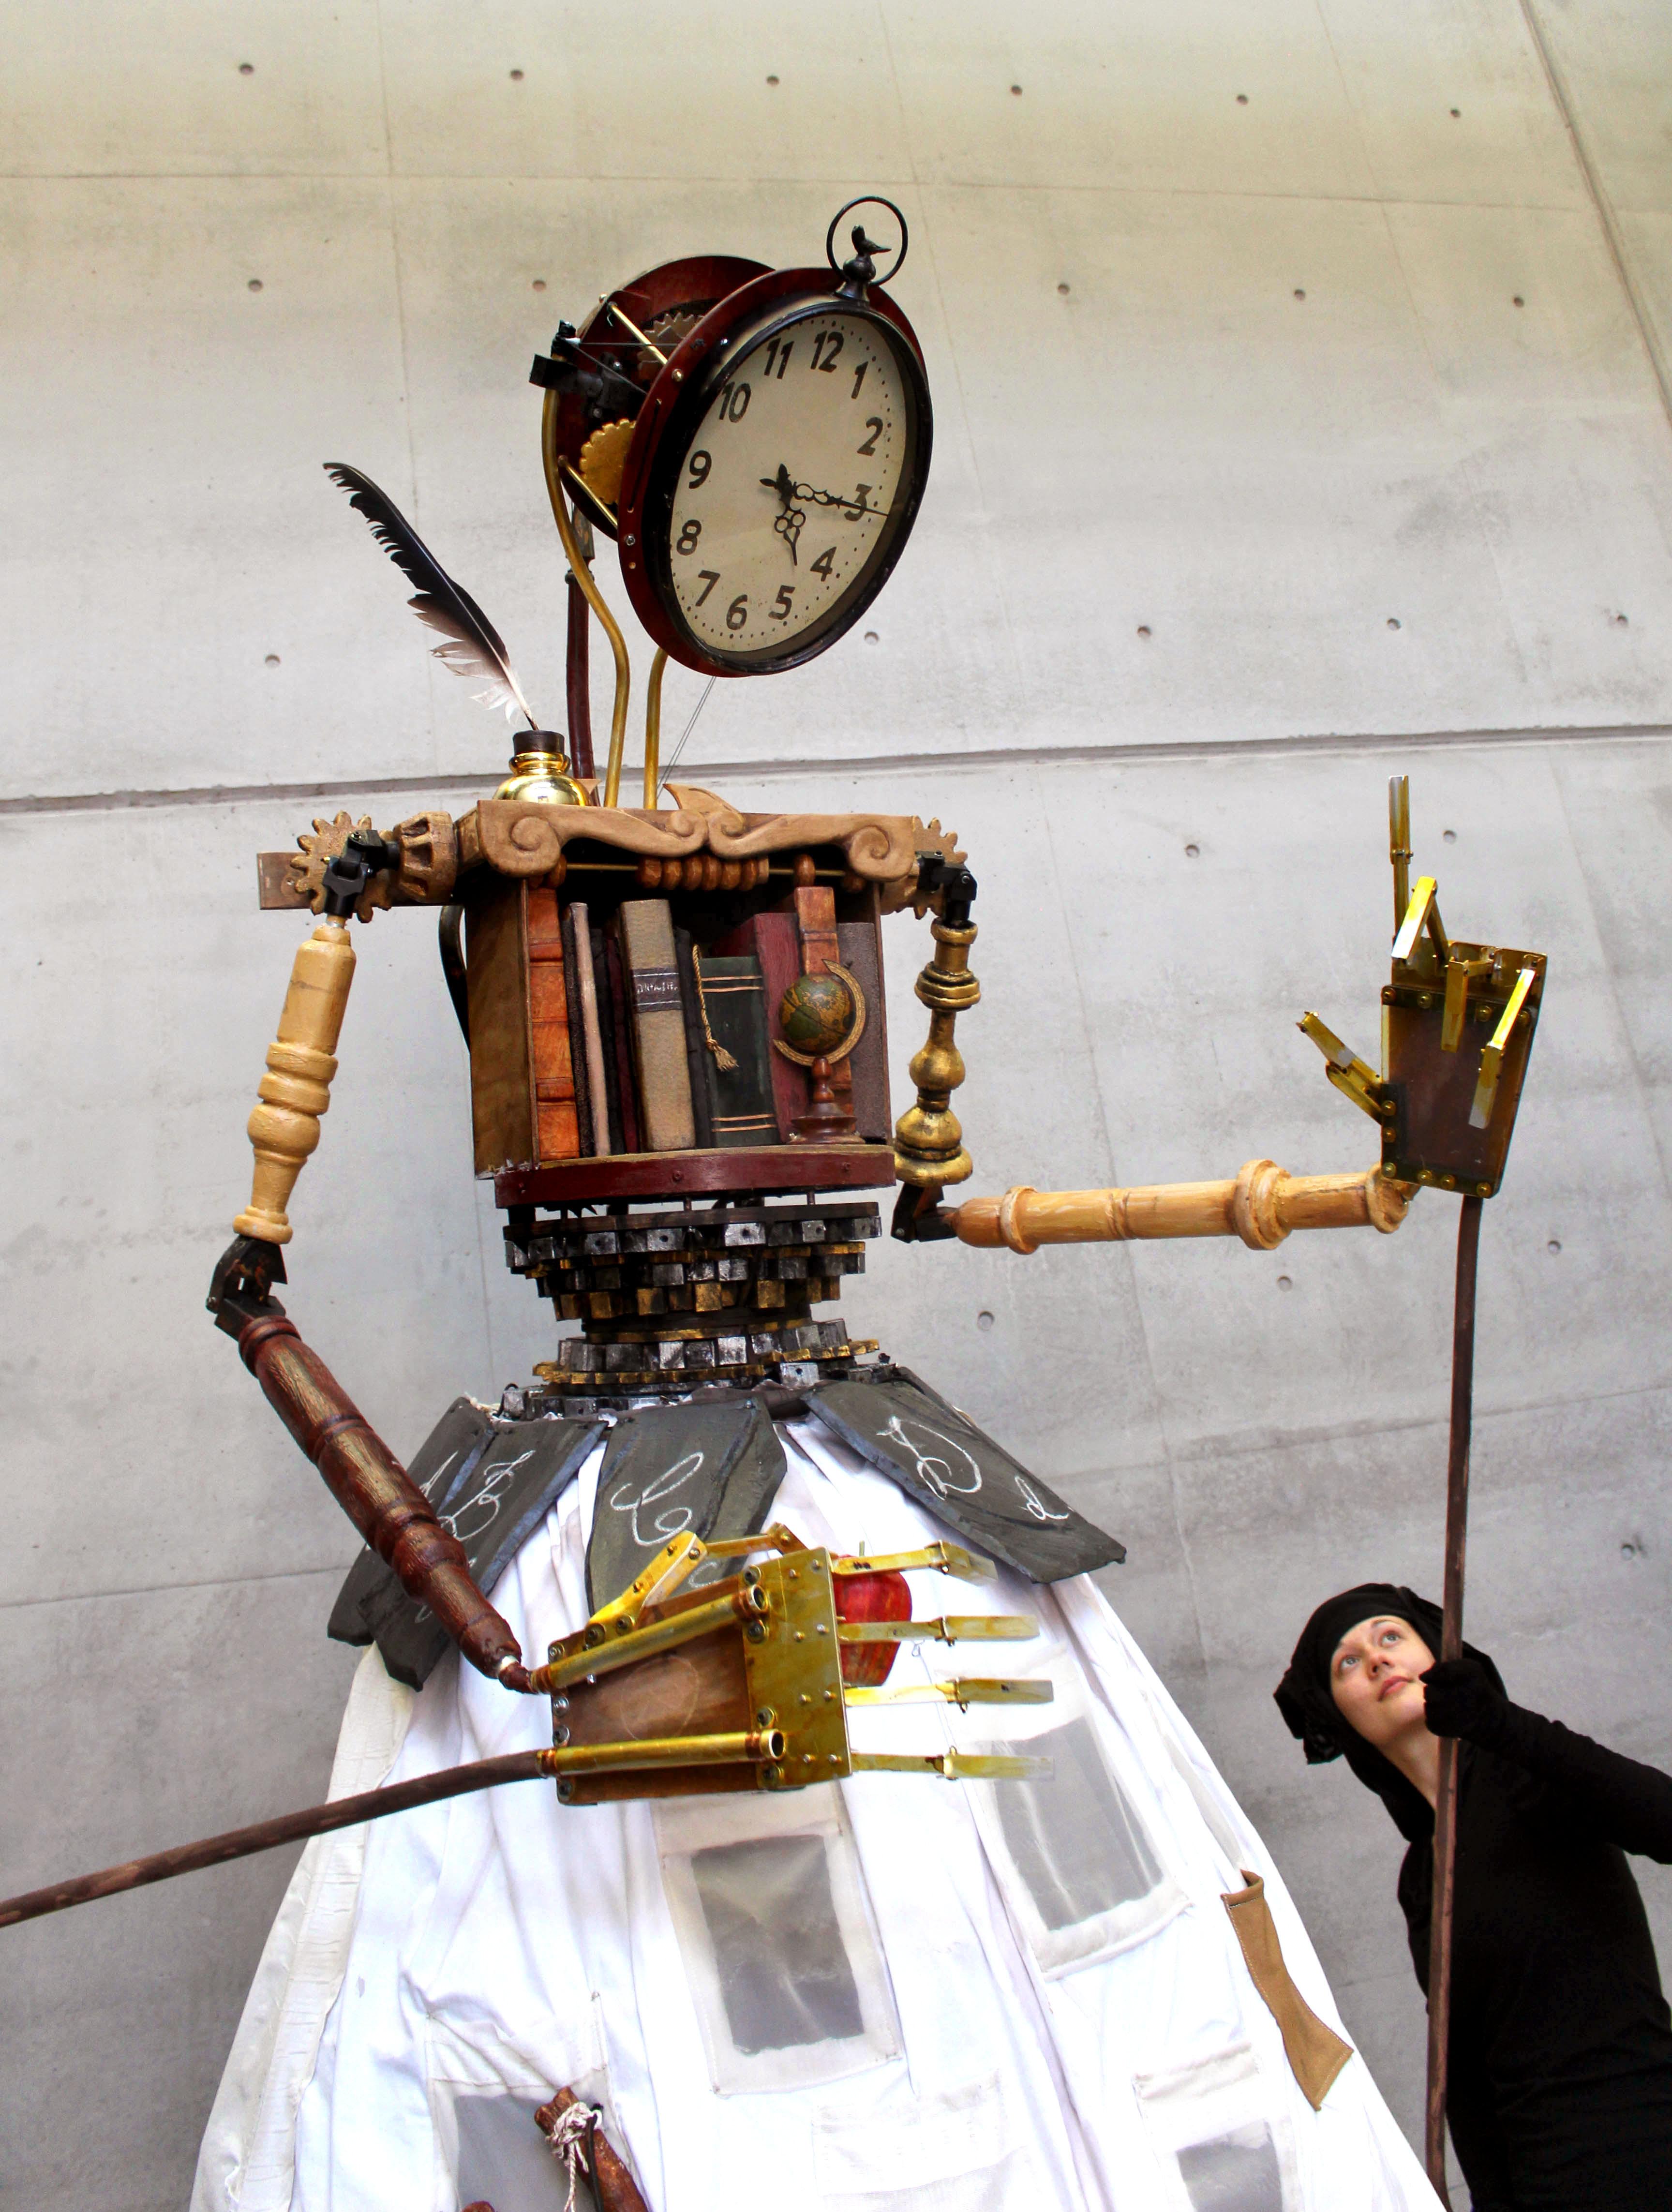 School Mistress (Maîtresse d'école), dans <em>Hearts of Gold</em> (2014) par Erth Visual & Physical Inc. (Sydney, Nouvelle-Galles du Sud, Australie), mise en scène : Scott Wright, scénographie / fabrication de marionnettes : Erth Workshop, marionnettiste sur la photo : Gabrielle Paananen